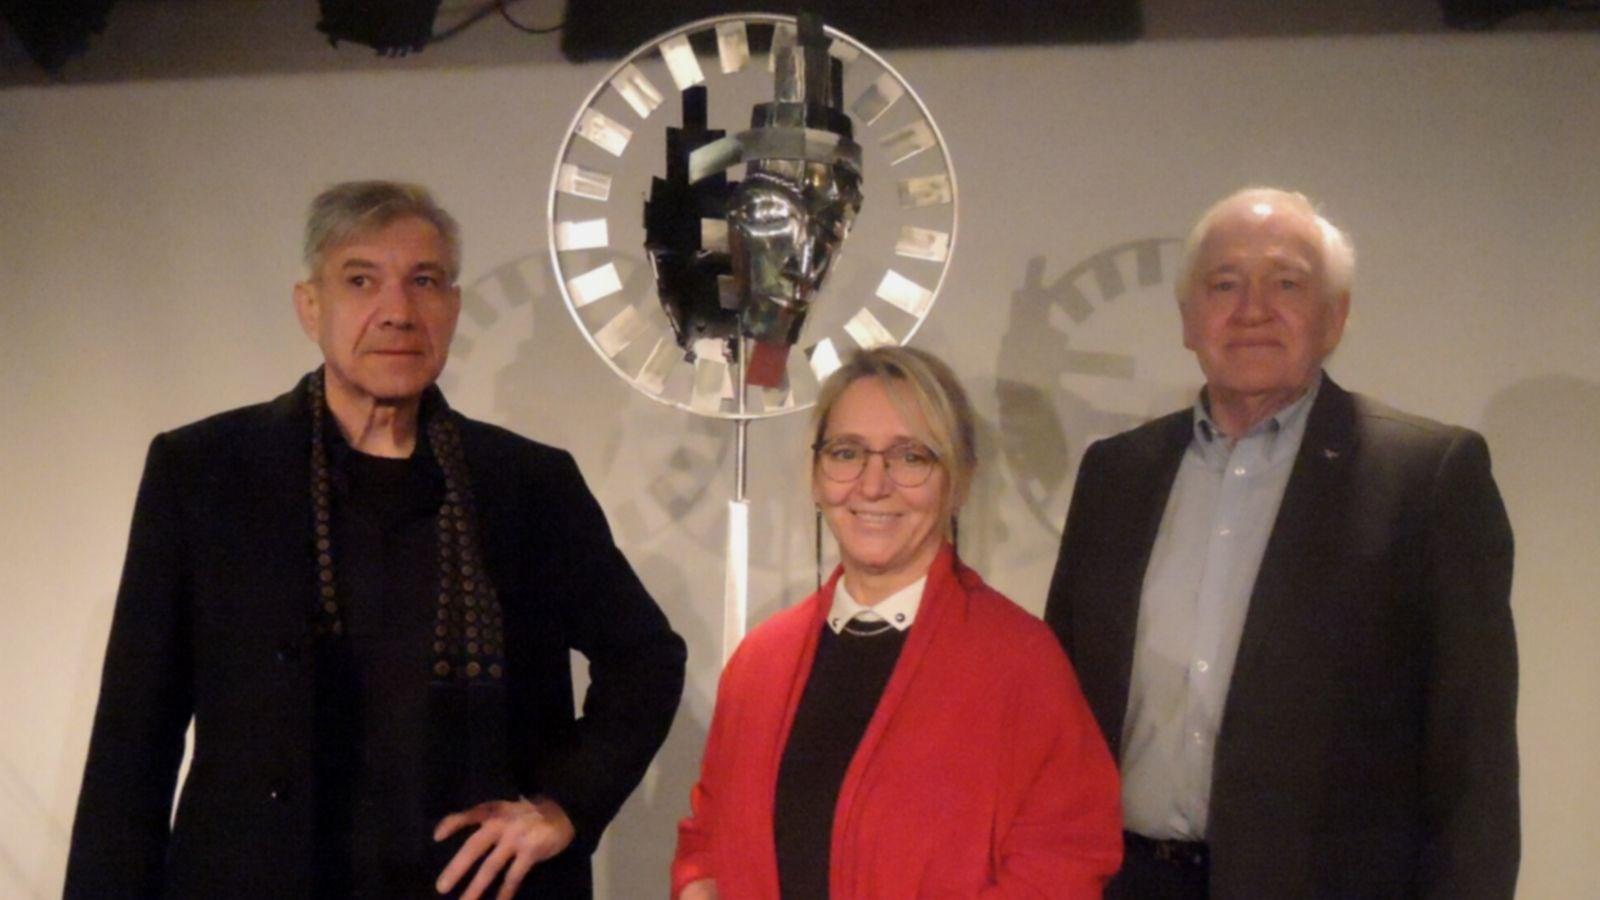 Le Symposium international de la sculpture fera à nouveau rayonner Saint-Georges - EnBeauce.com